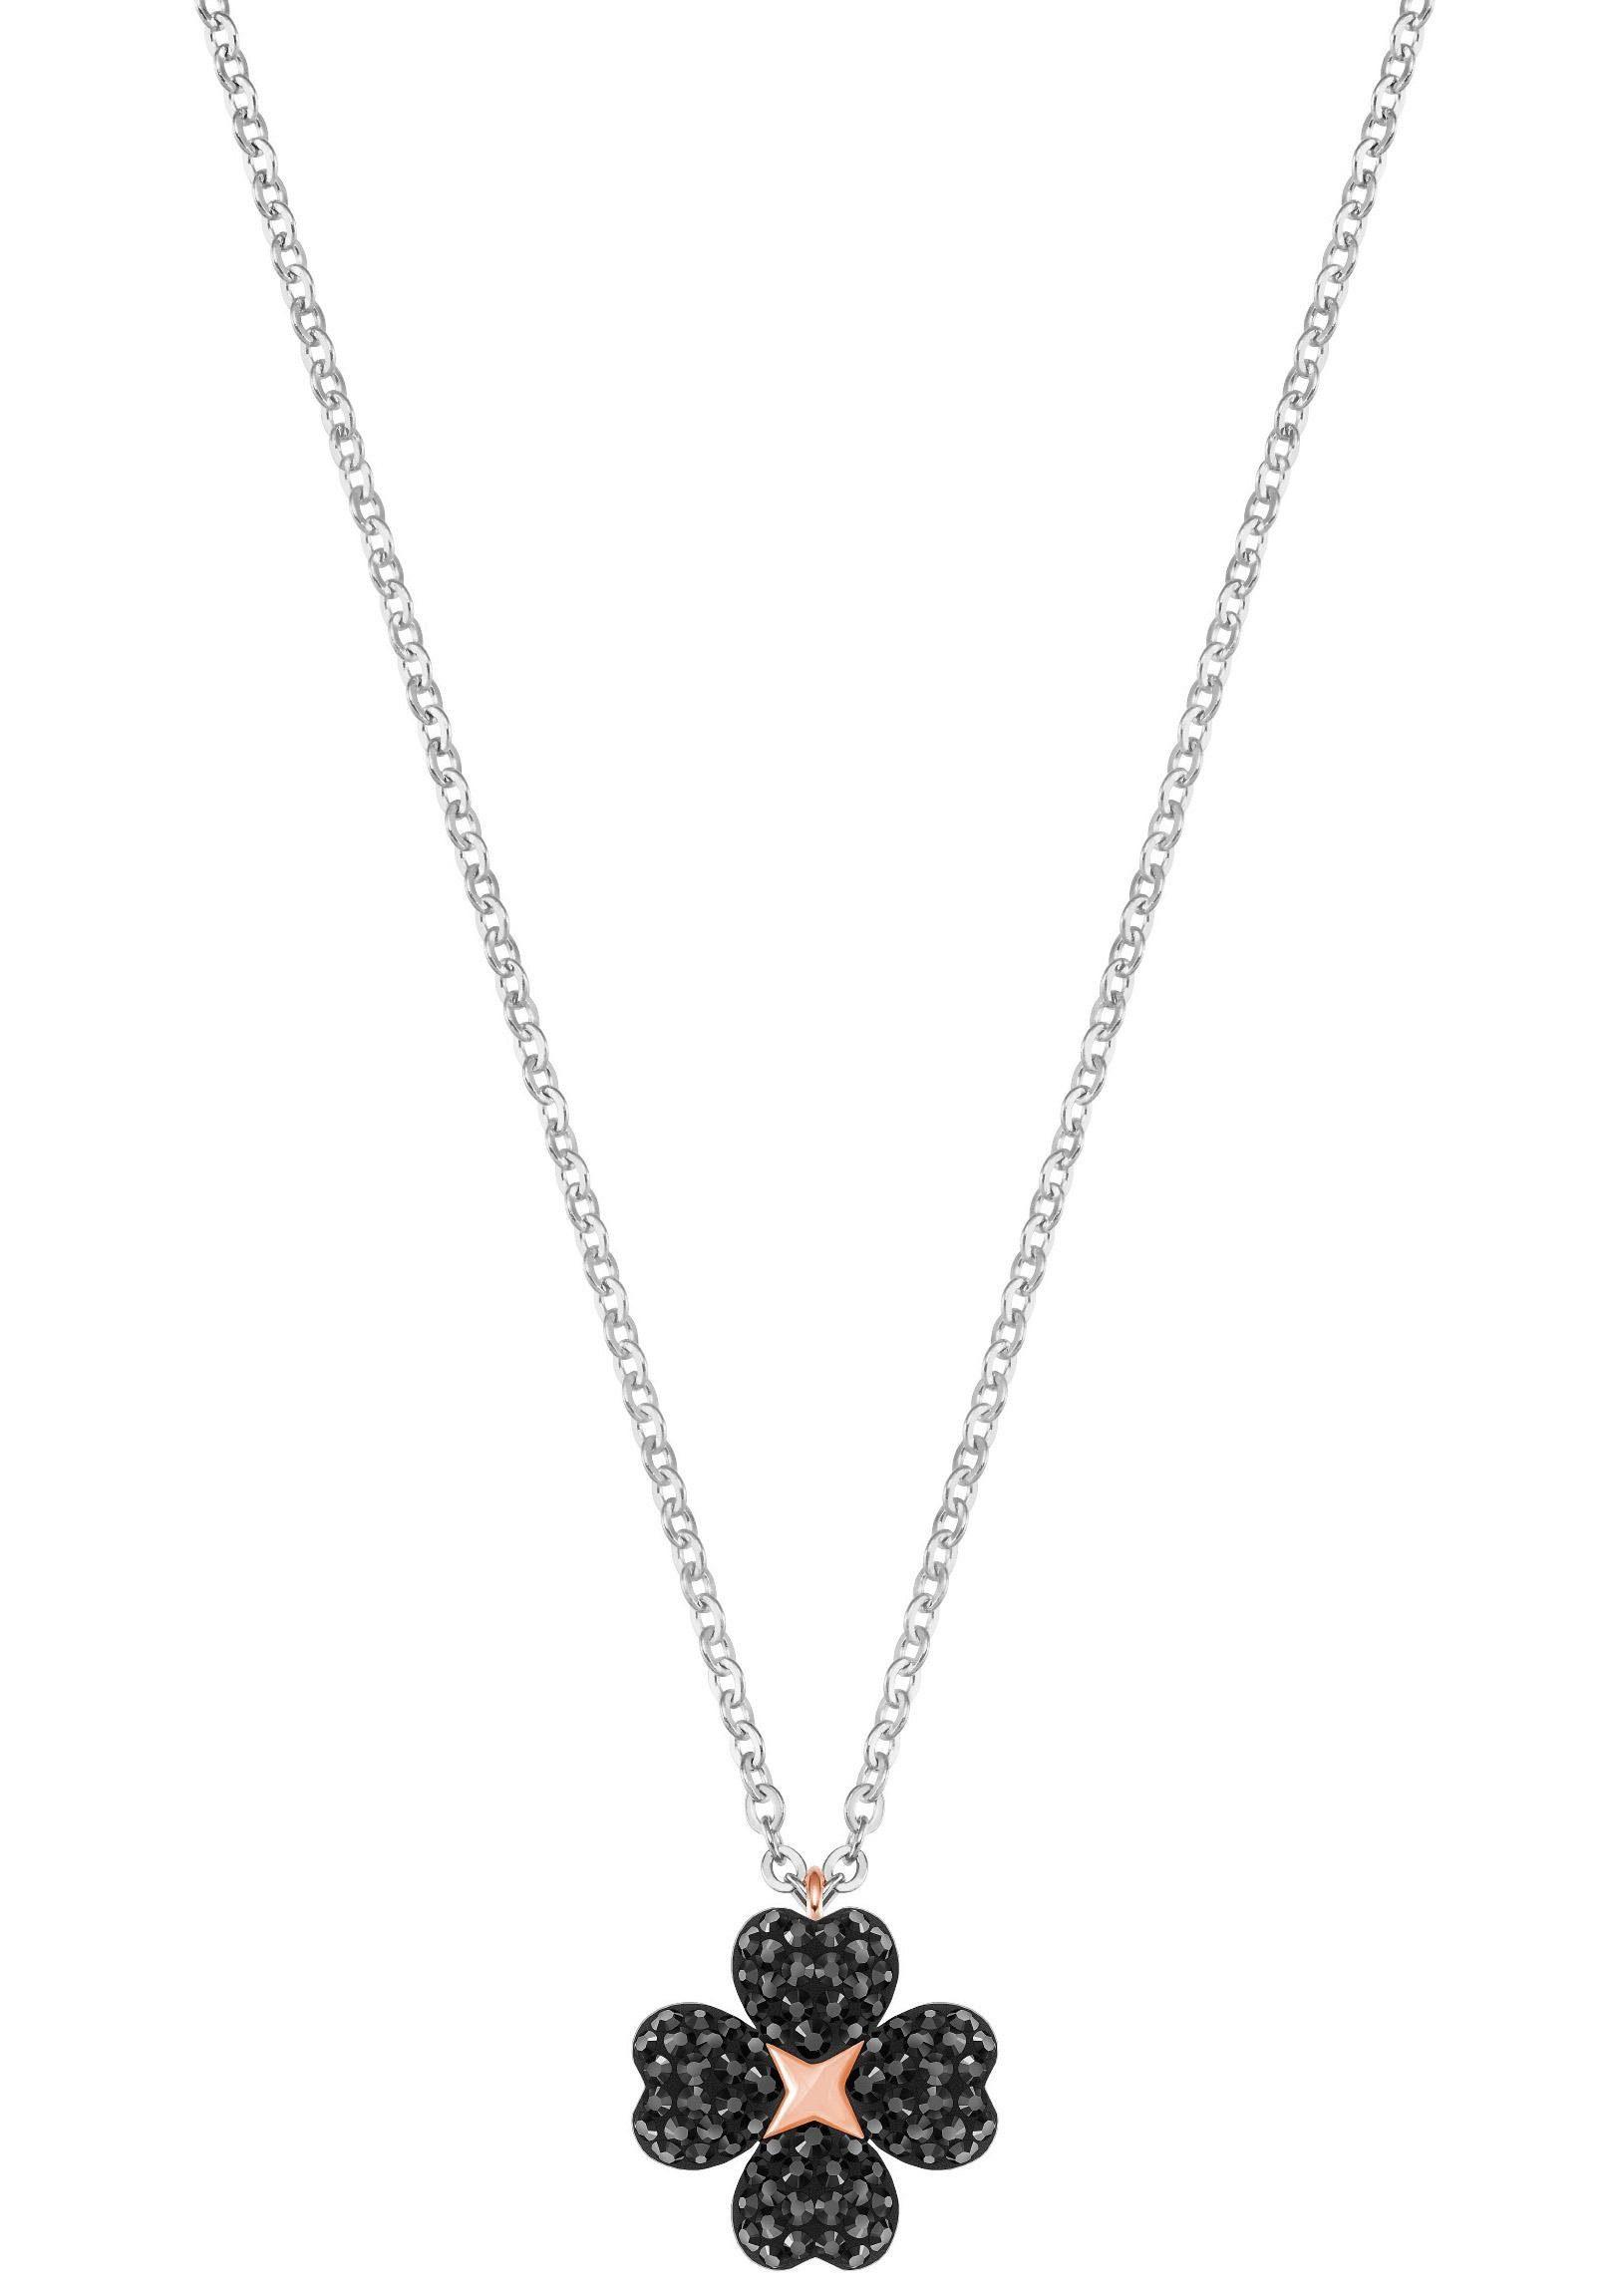 Swarovski Kette mit Anhänger »Kleeblatt, Herzen, Latisha Flower Anhänger, schwarz, rhodiniert, 5368980« mit Swarovski® Kristallen